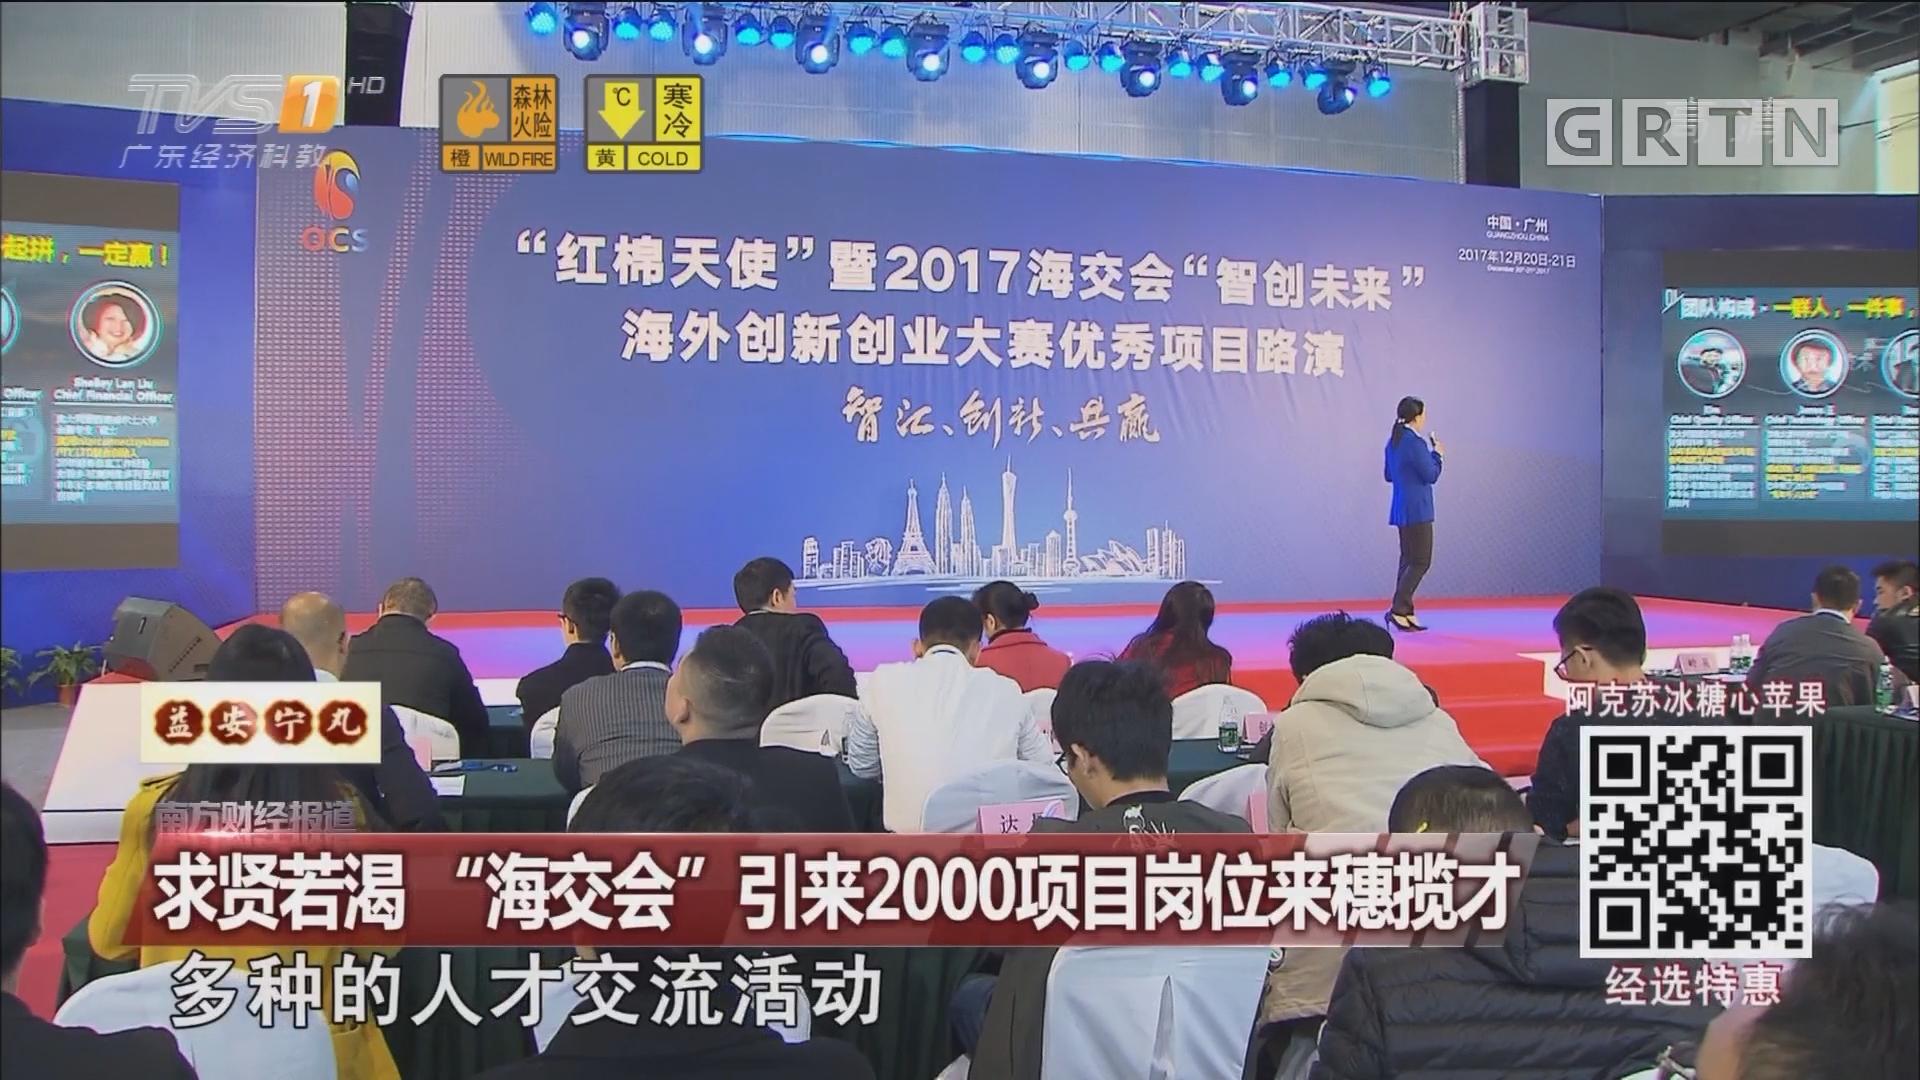 """求贤若渴 """"海交会""""引来2000项目岗位来穗揽才"""